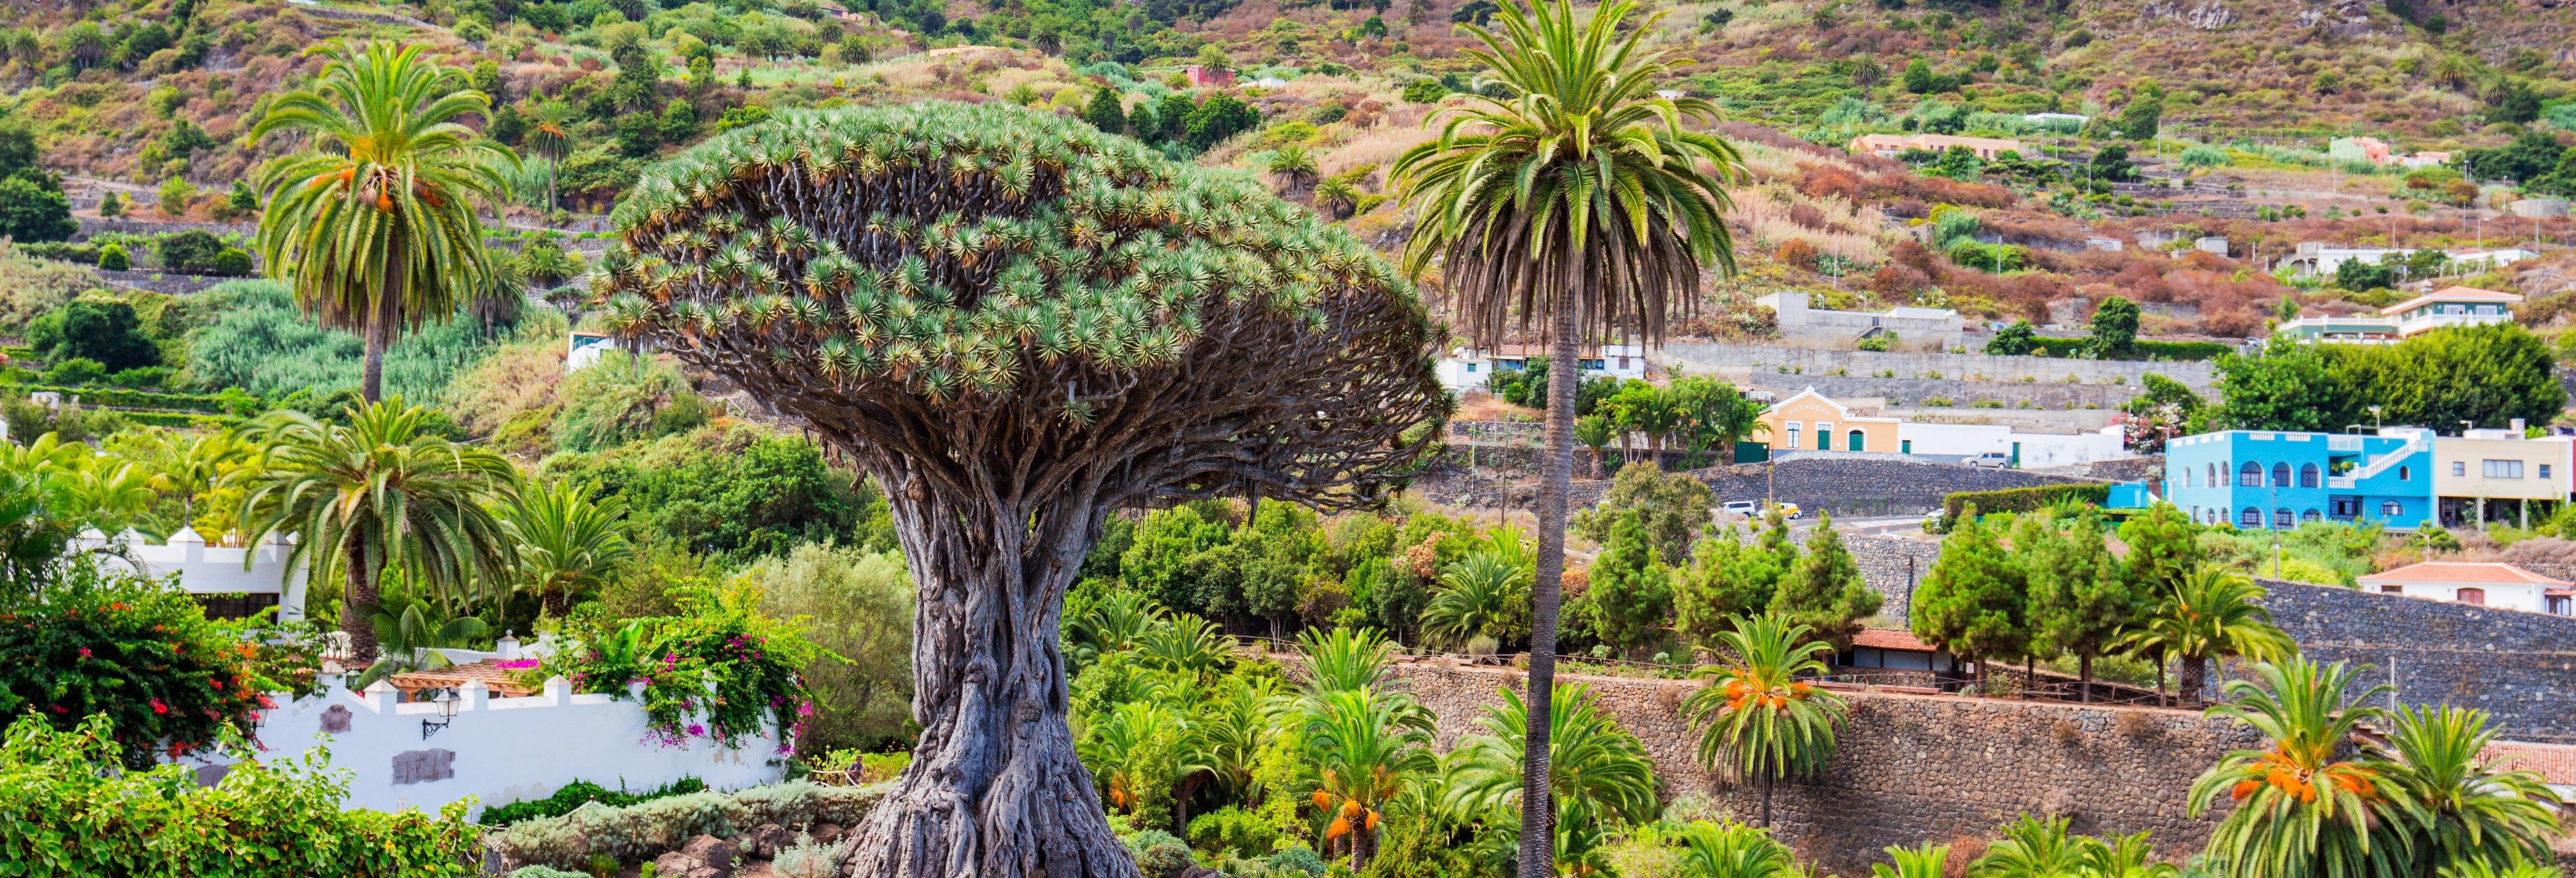 Excursión al Teide, Icod y Garachico desde el sur de Tenerife